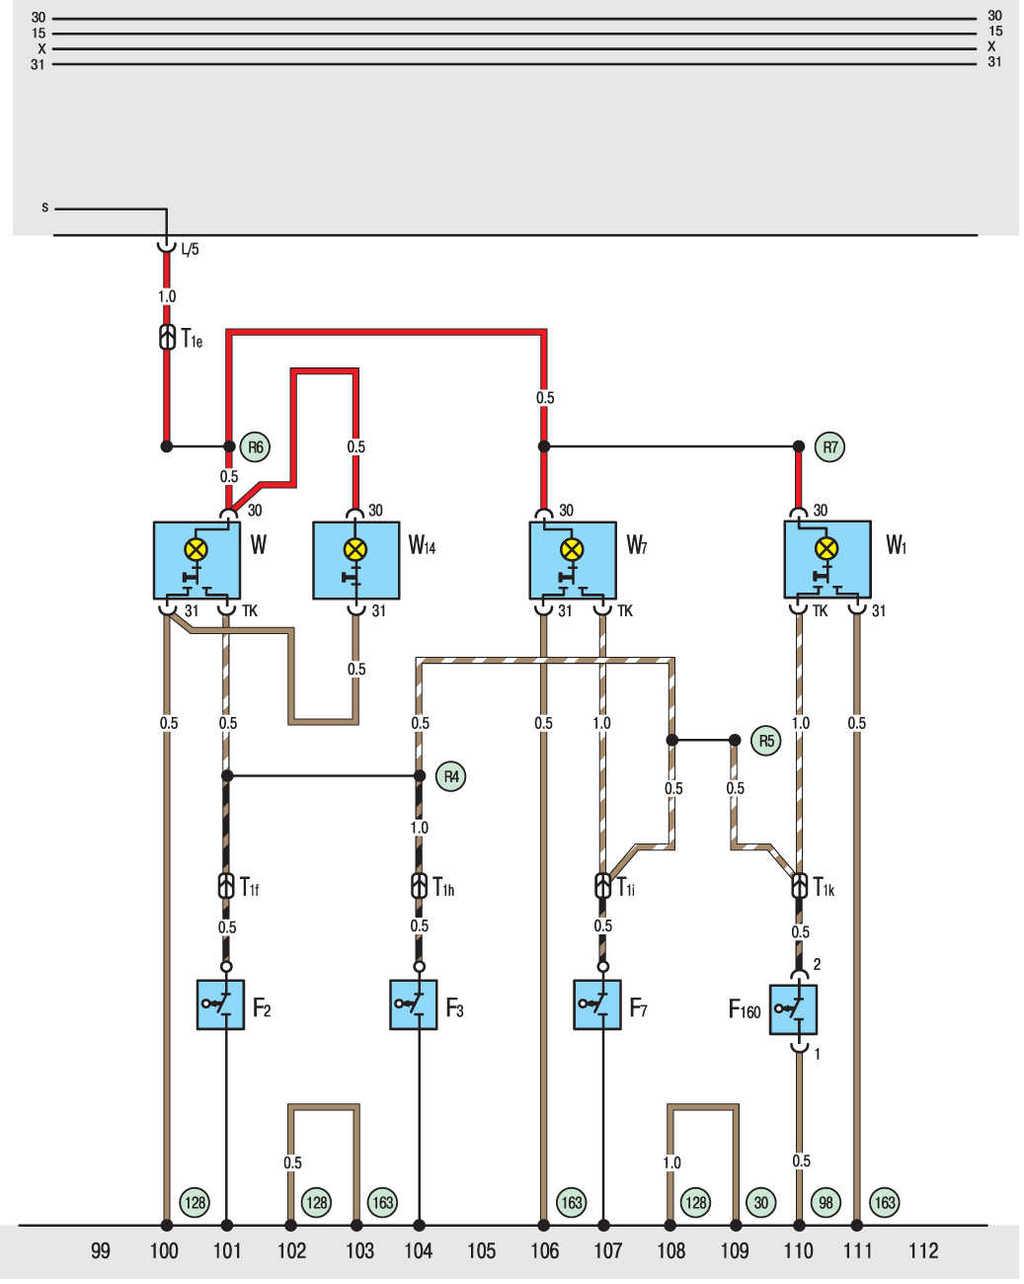 Фольксваген т4 acv 2.5 tdi схема системы охлаждения